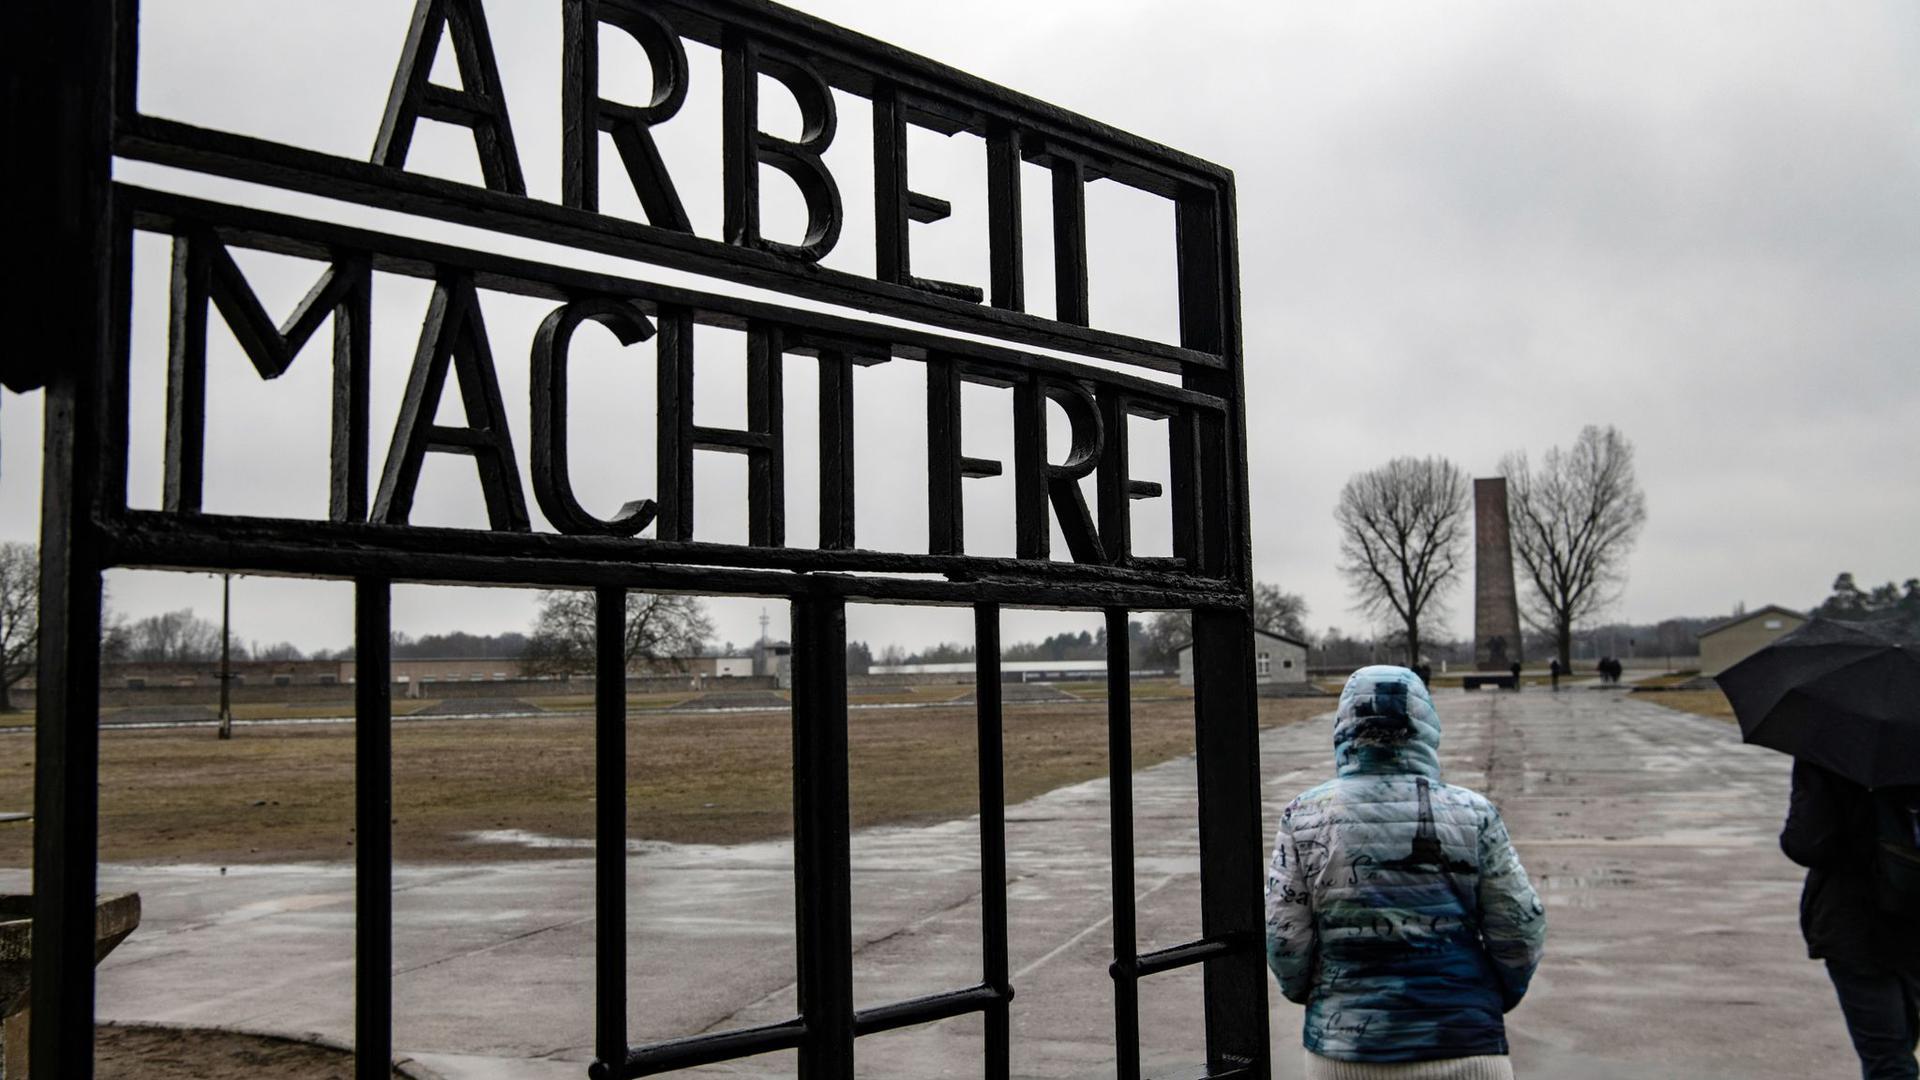 Die Ermordung vonMillionen vonJuden inDeutschland undEuropa begann laut einer Kampagne mit Hass.